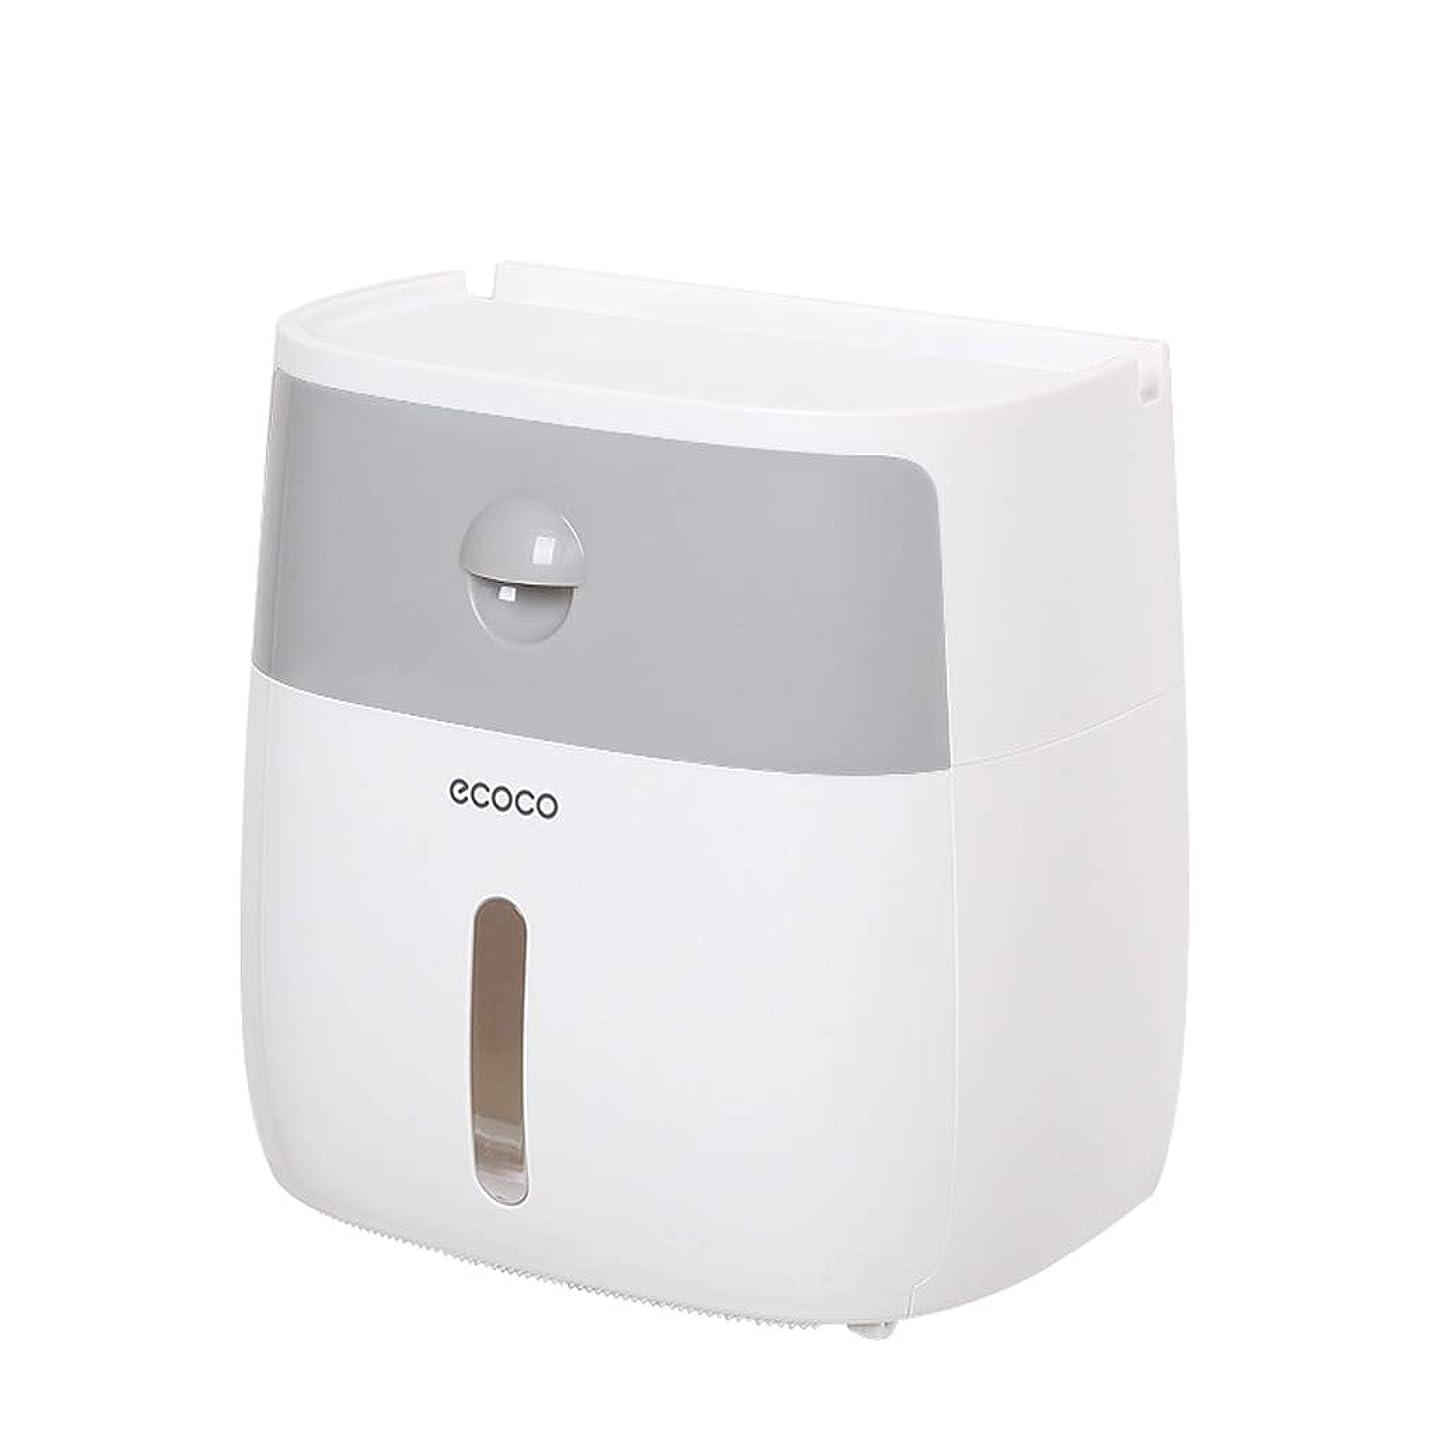 愛情肩をすくめるステープルティッシュボックス、トイレティッシュボックス、浴室用防水トレイ、パンチフリー装置ラック SHWSM